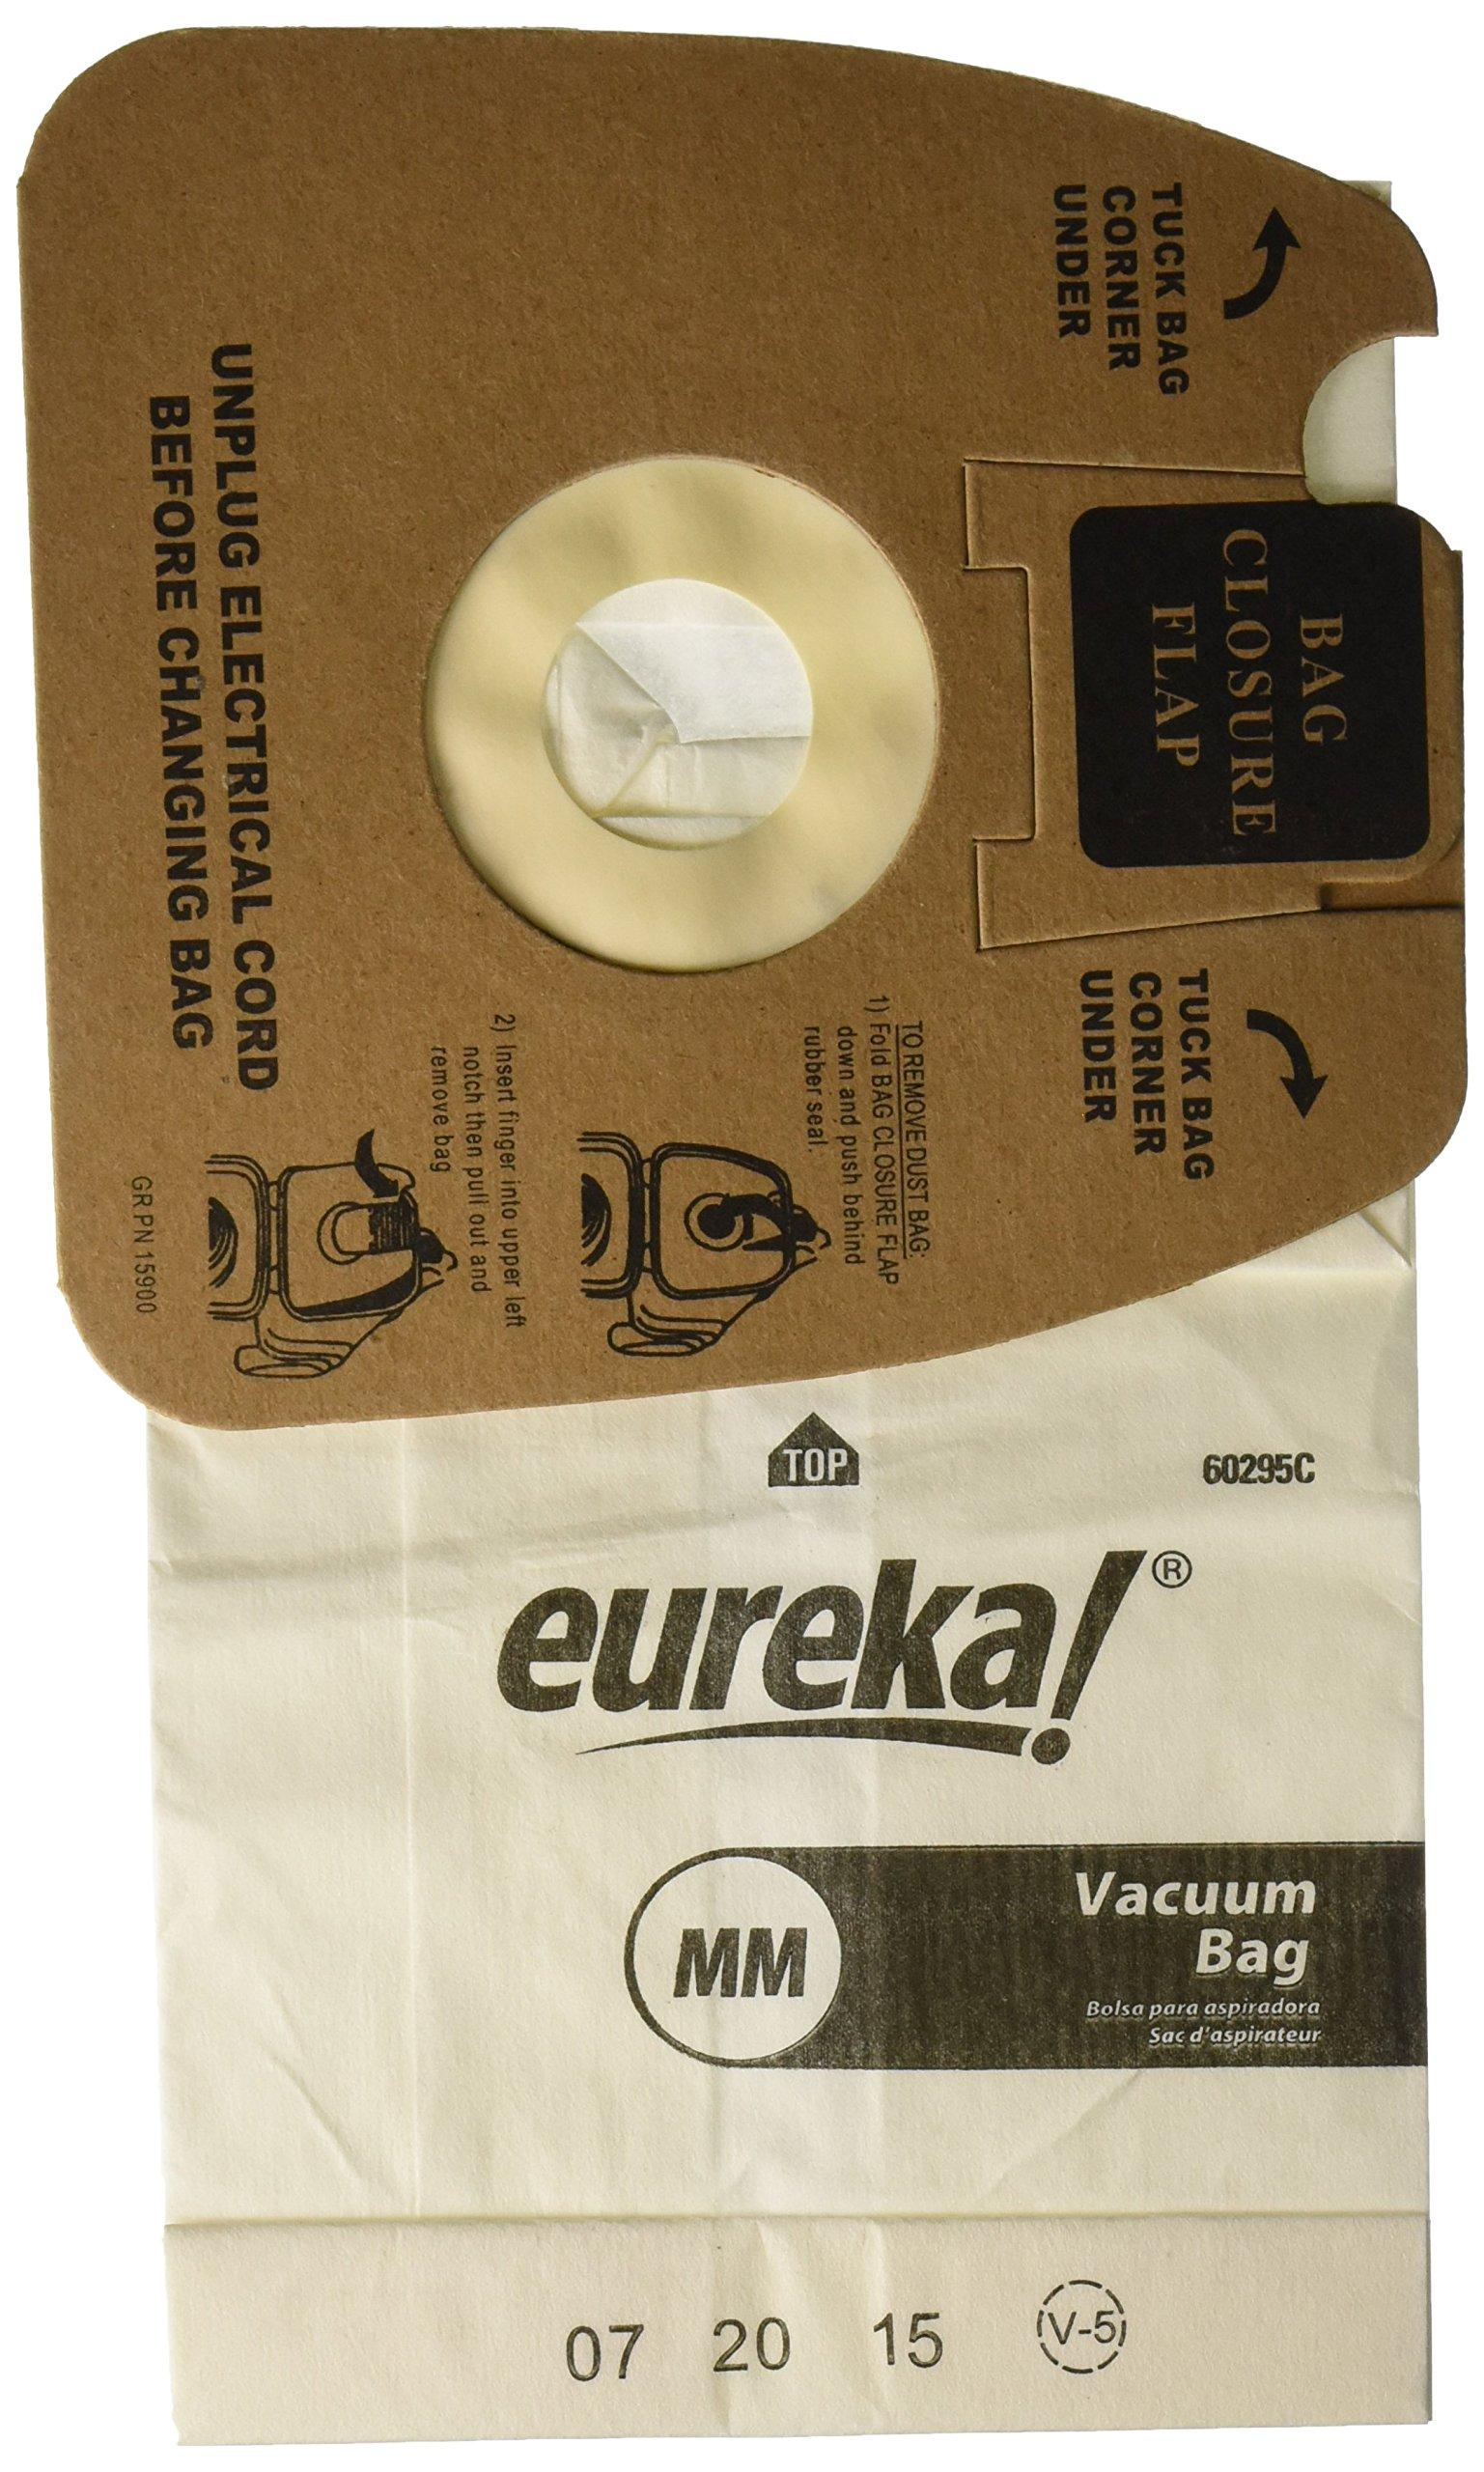 GENUINE EUREKA TYPE MM--3 PACK VACUUM CLEANER BAGS--60295C